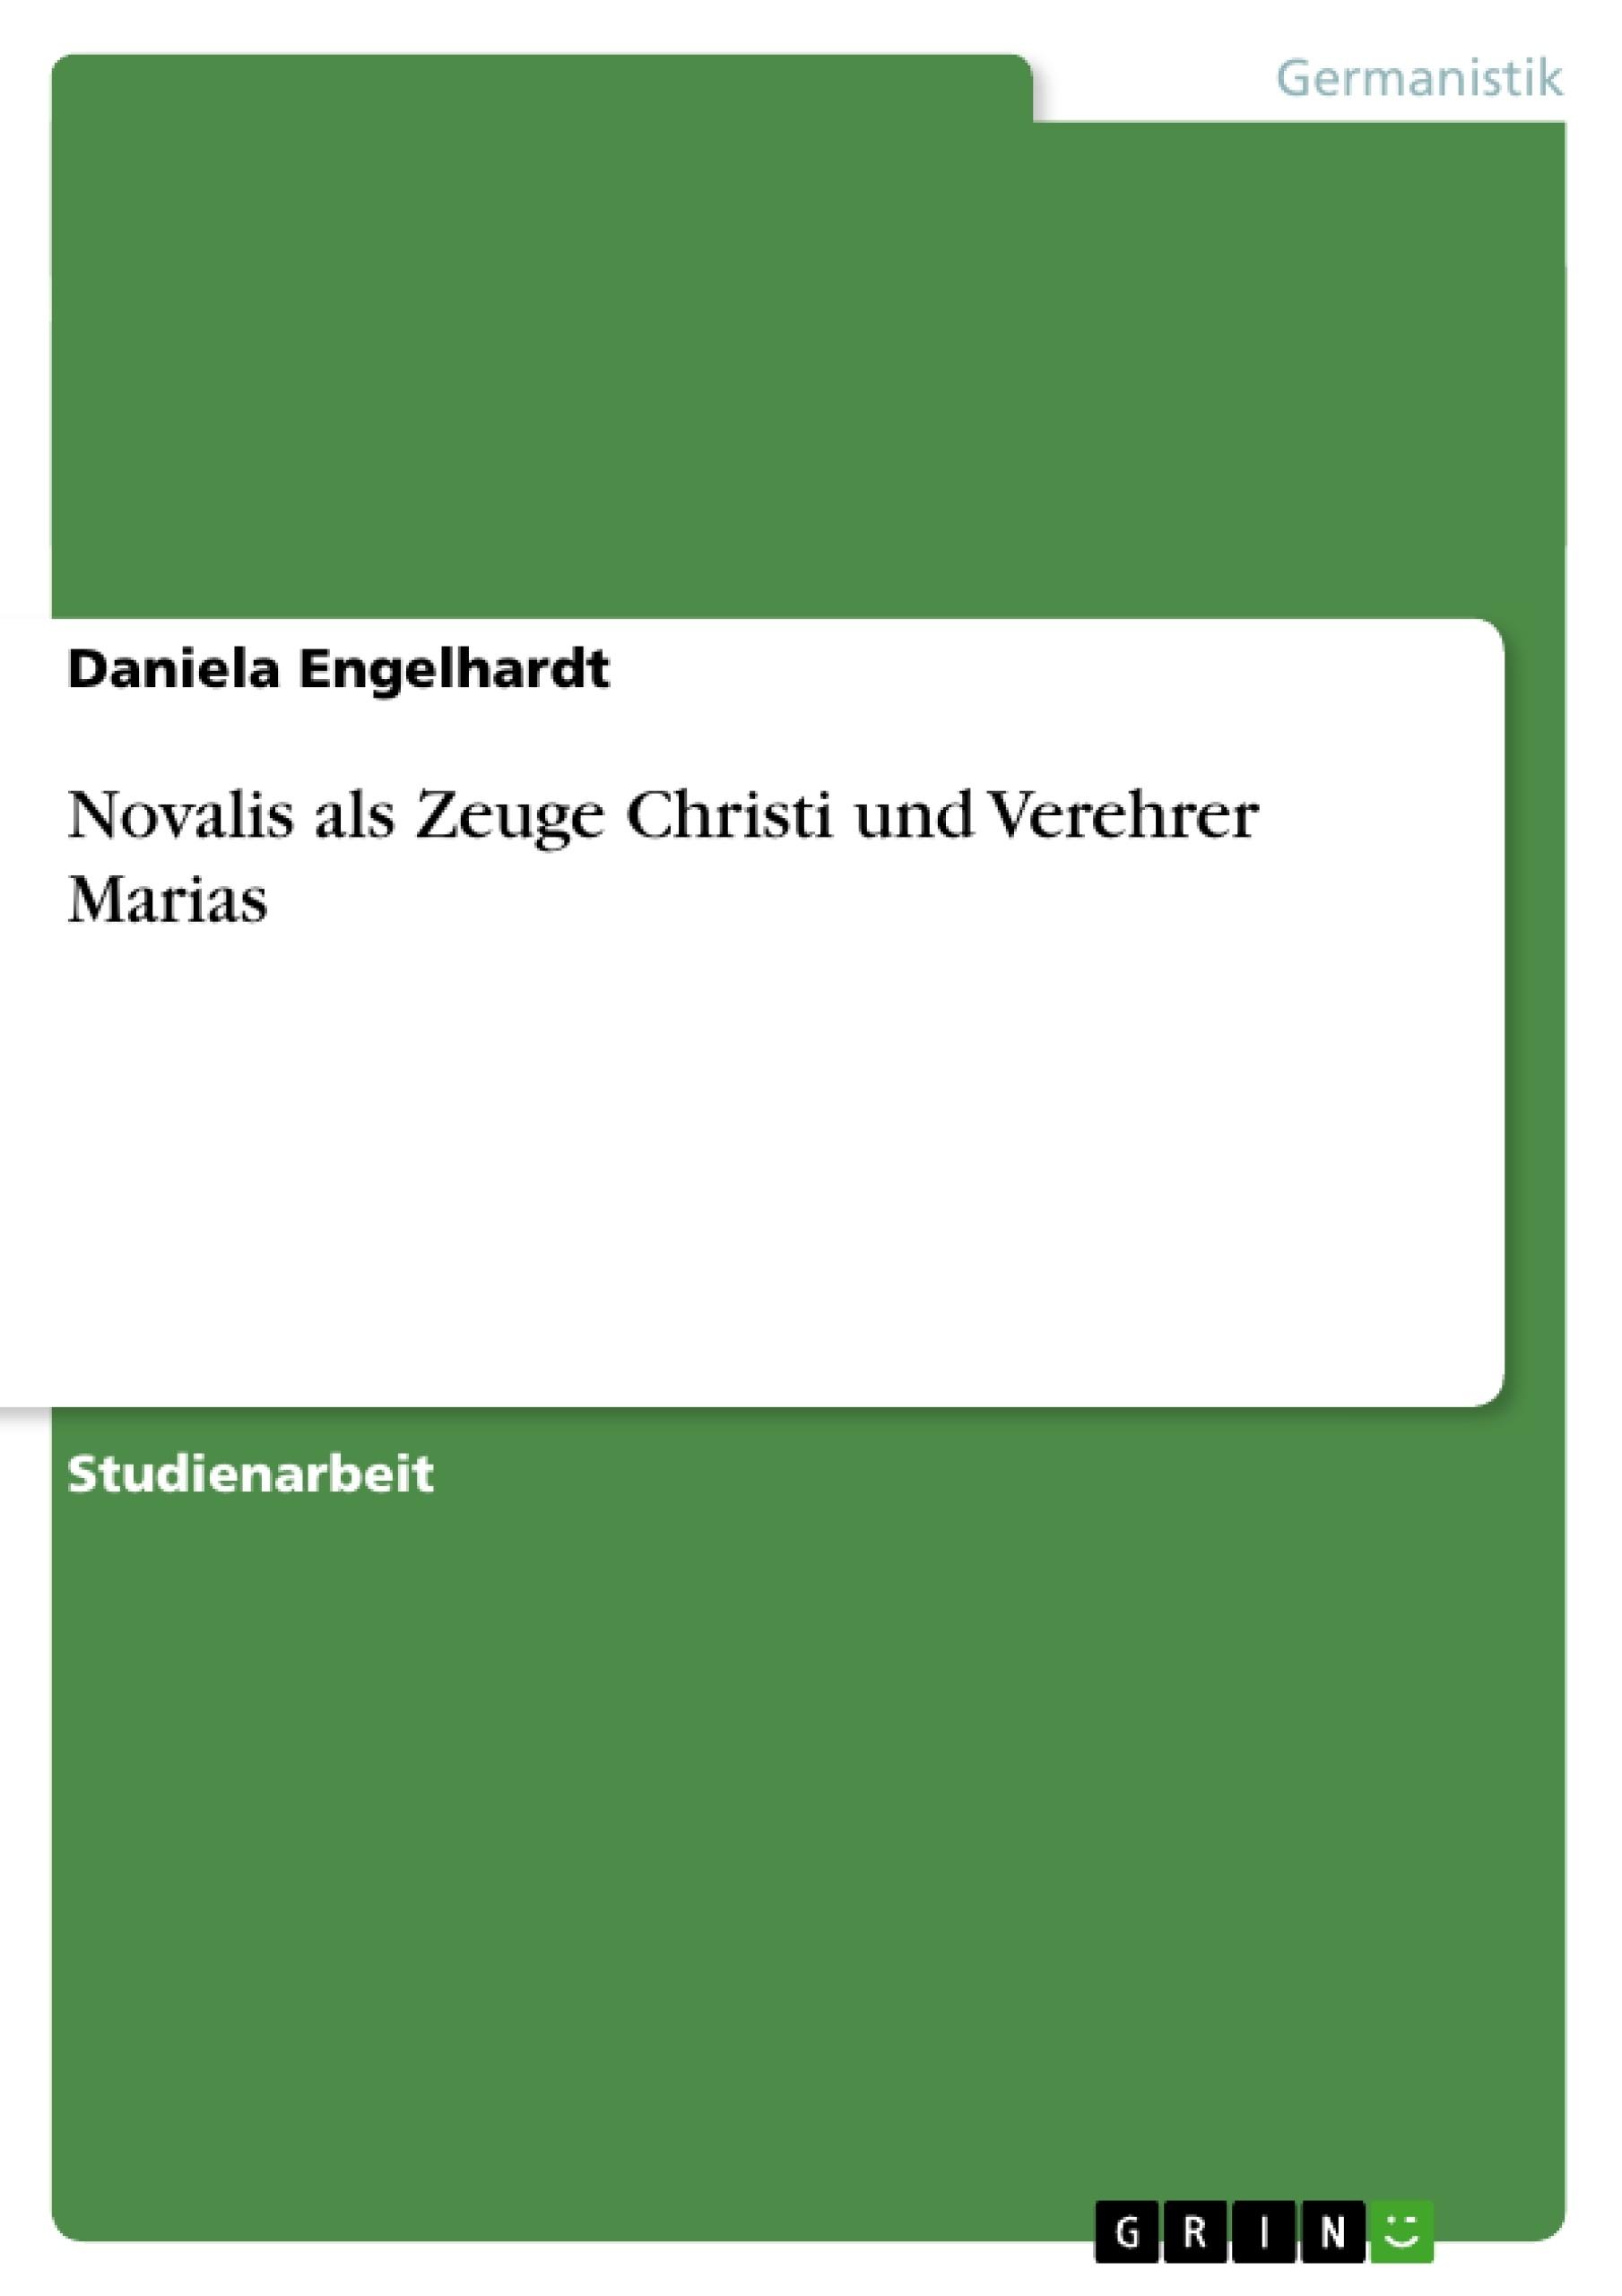 Titel: Novalis als Zeuge Christi und Verehrer Marias